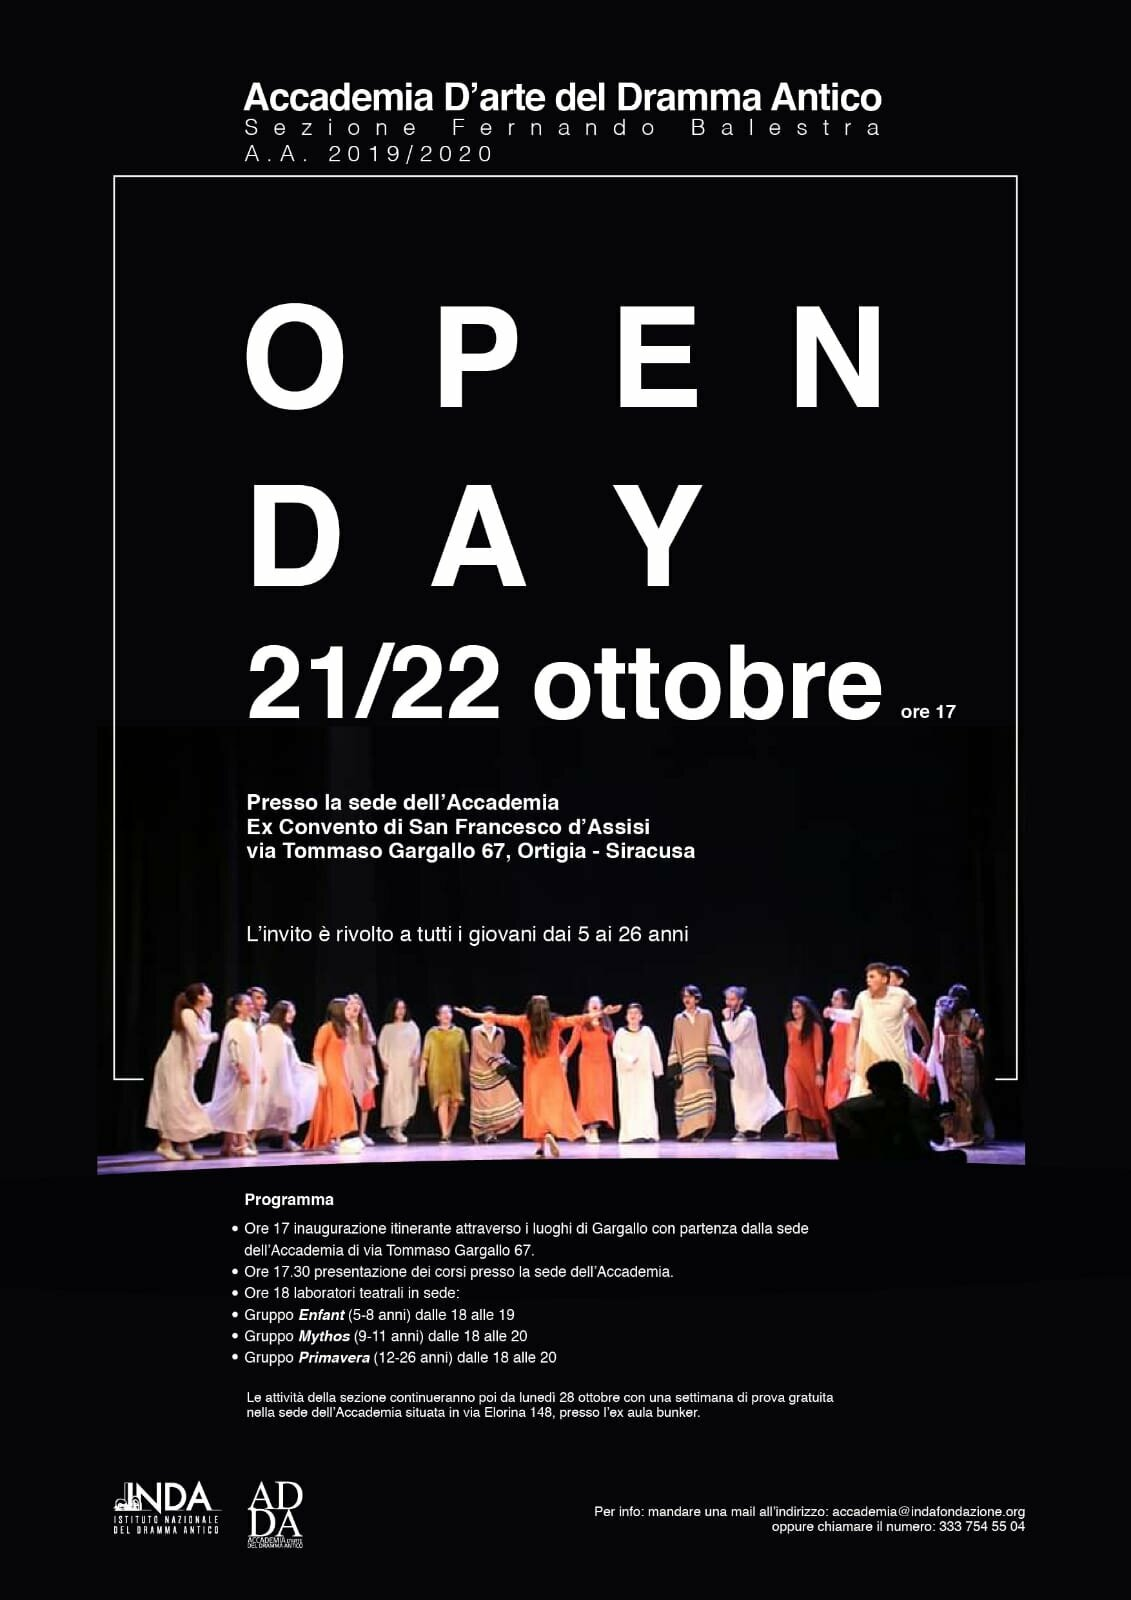 opendayaccademia-1579707672.jpg